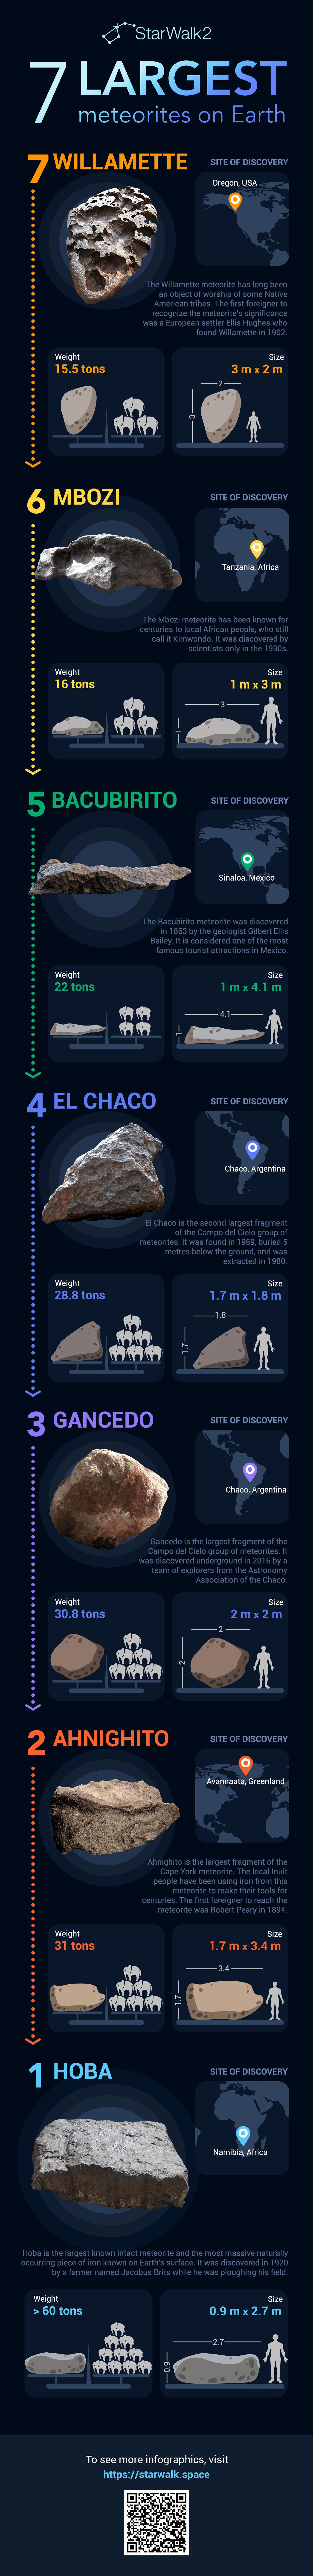 7 Largest Meteorites on Earth